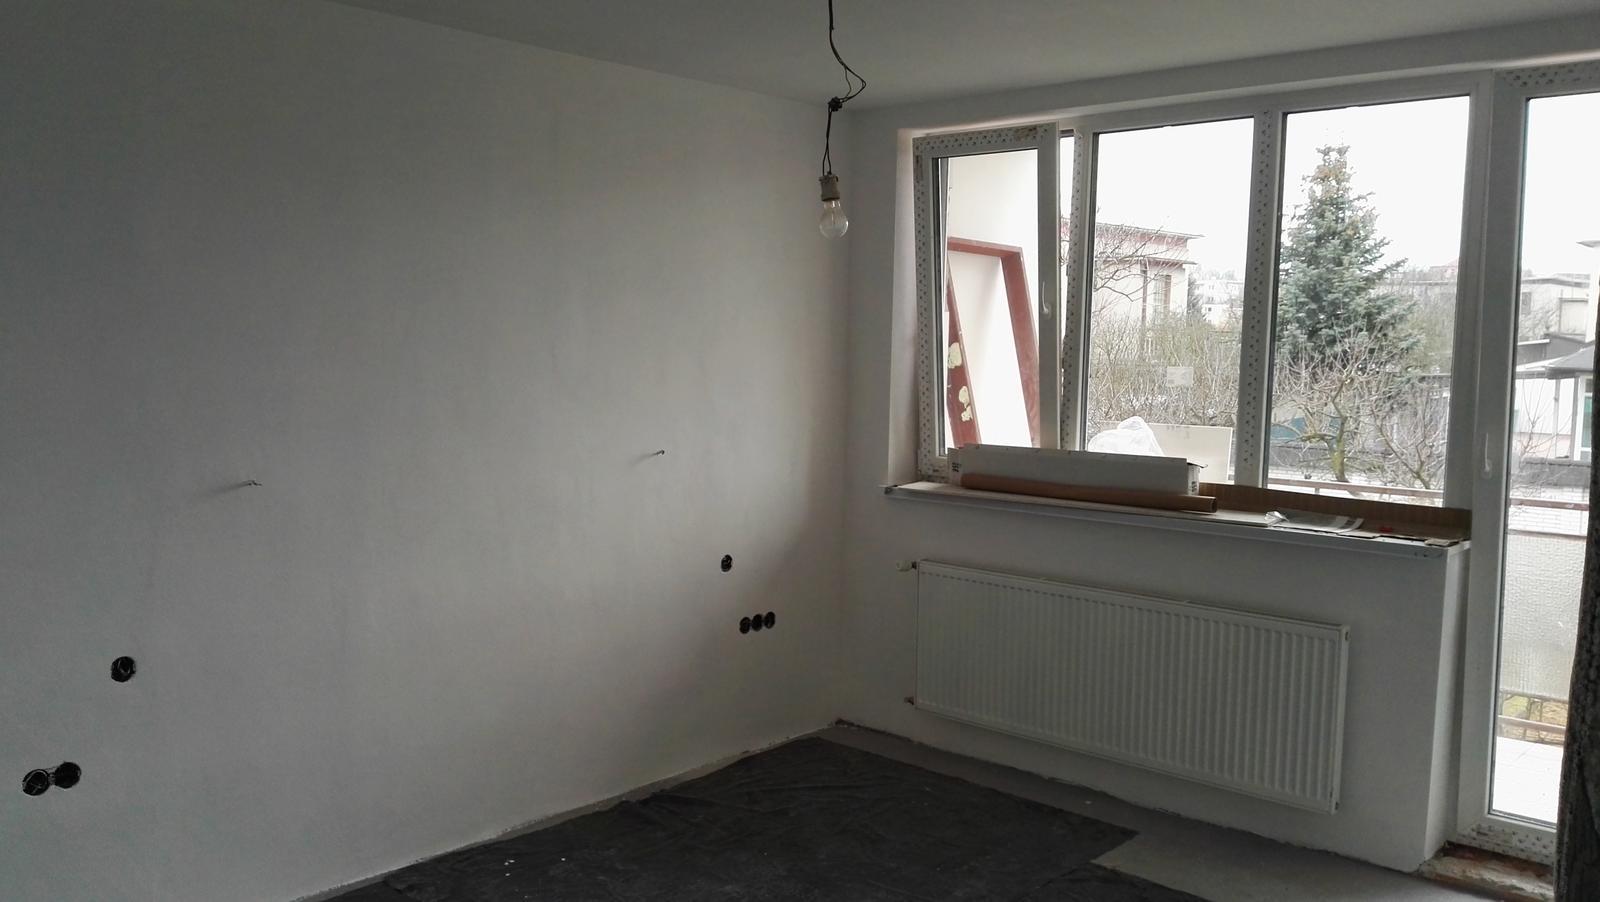 Projekt: Nové bývanie ... - ... aj spálňa vymaľovaná, chýba už len podlahu položiť...